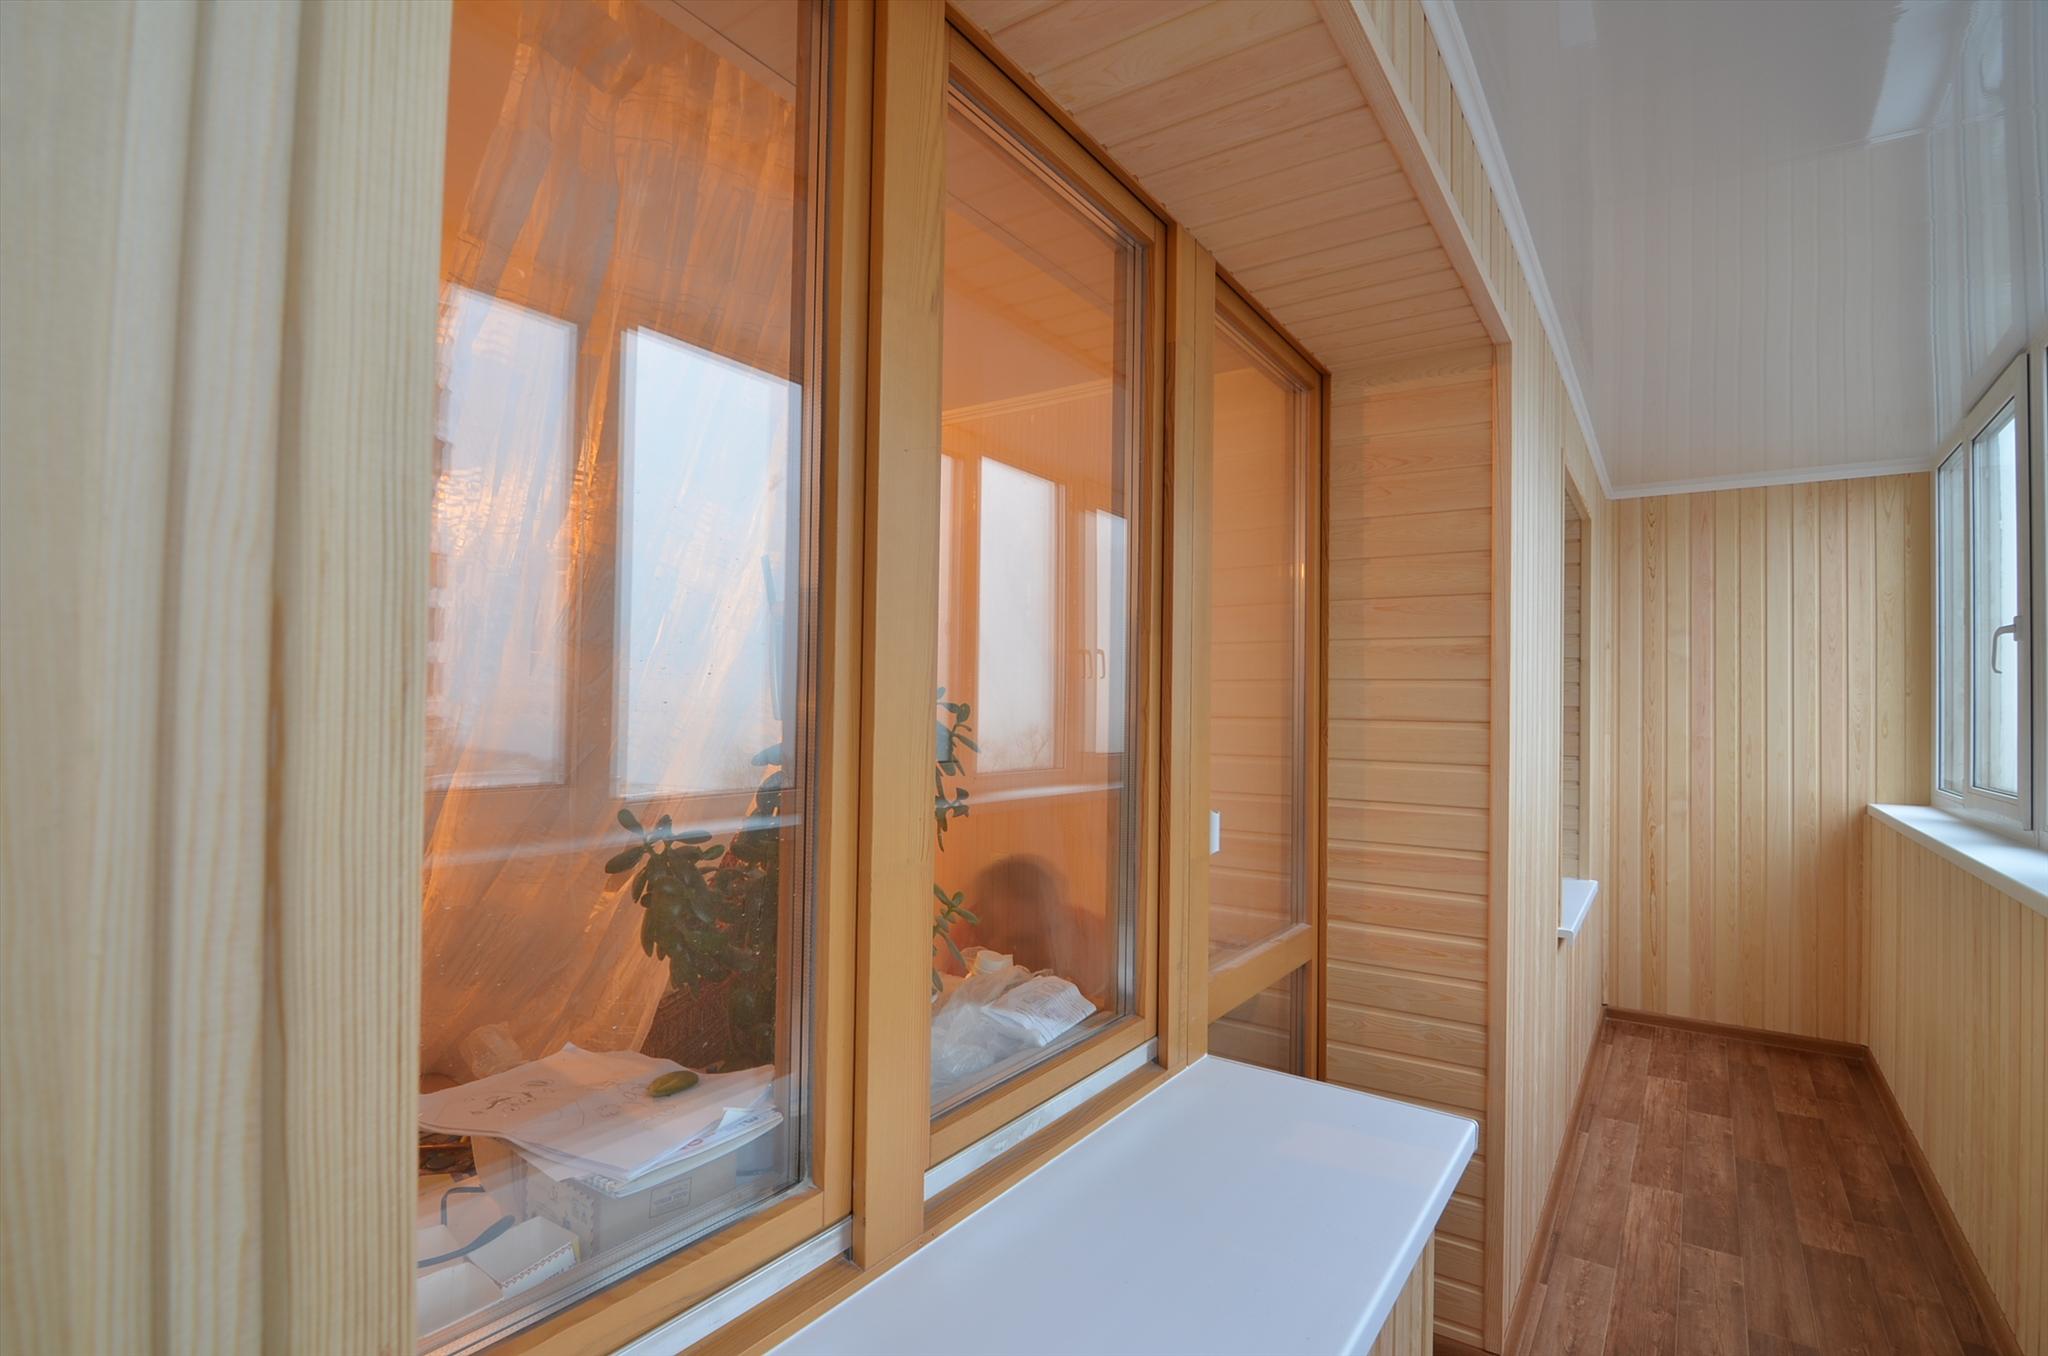 Челябинск: отделка и остекление балконов цена 0 р., объявлен.